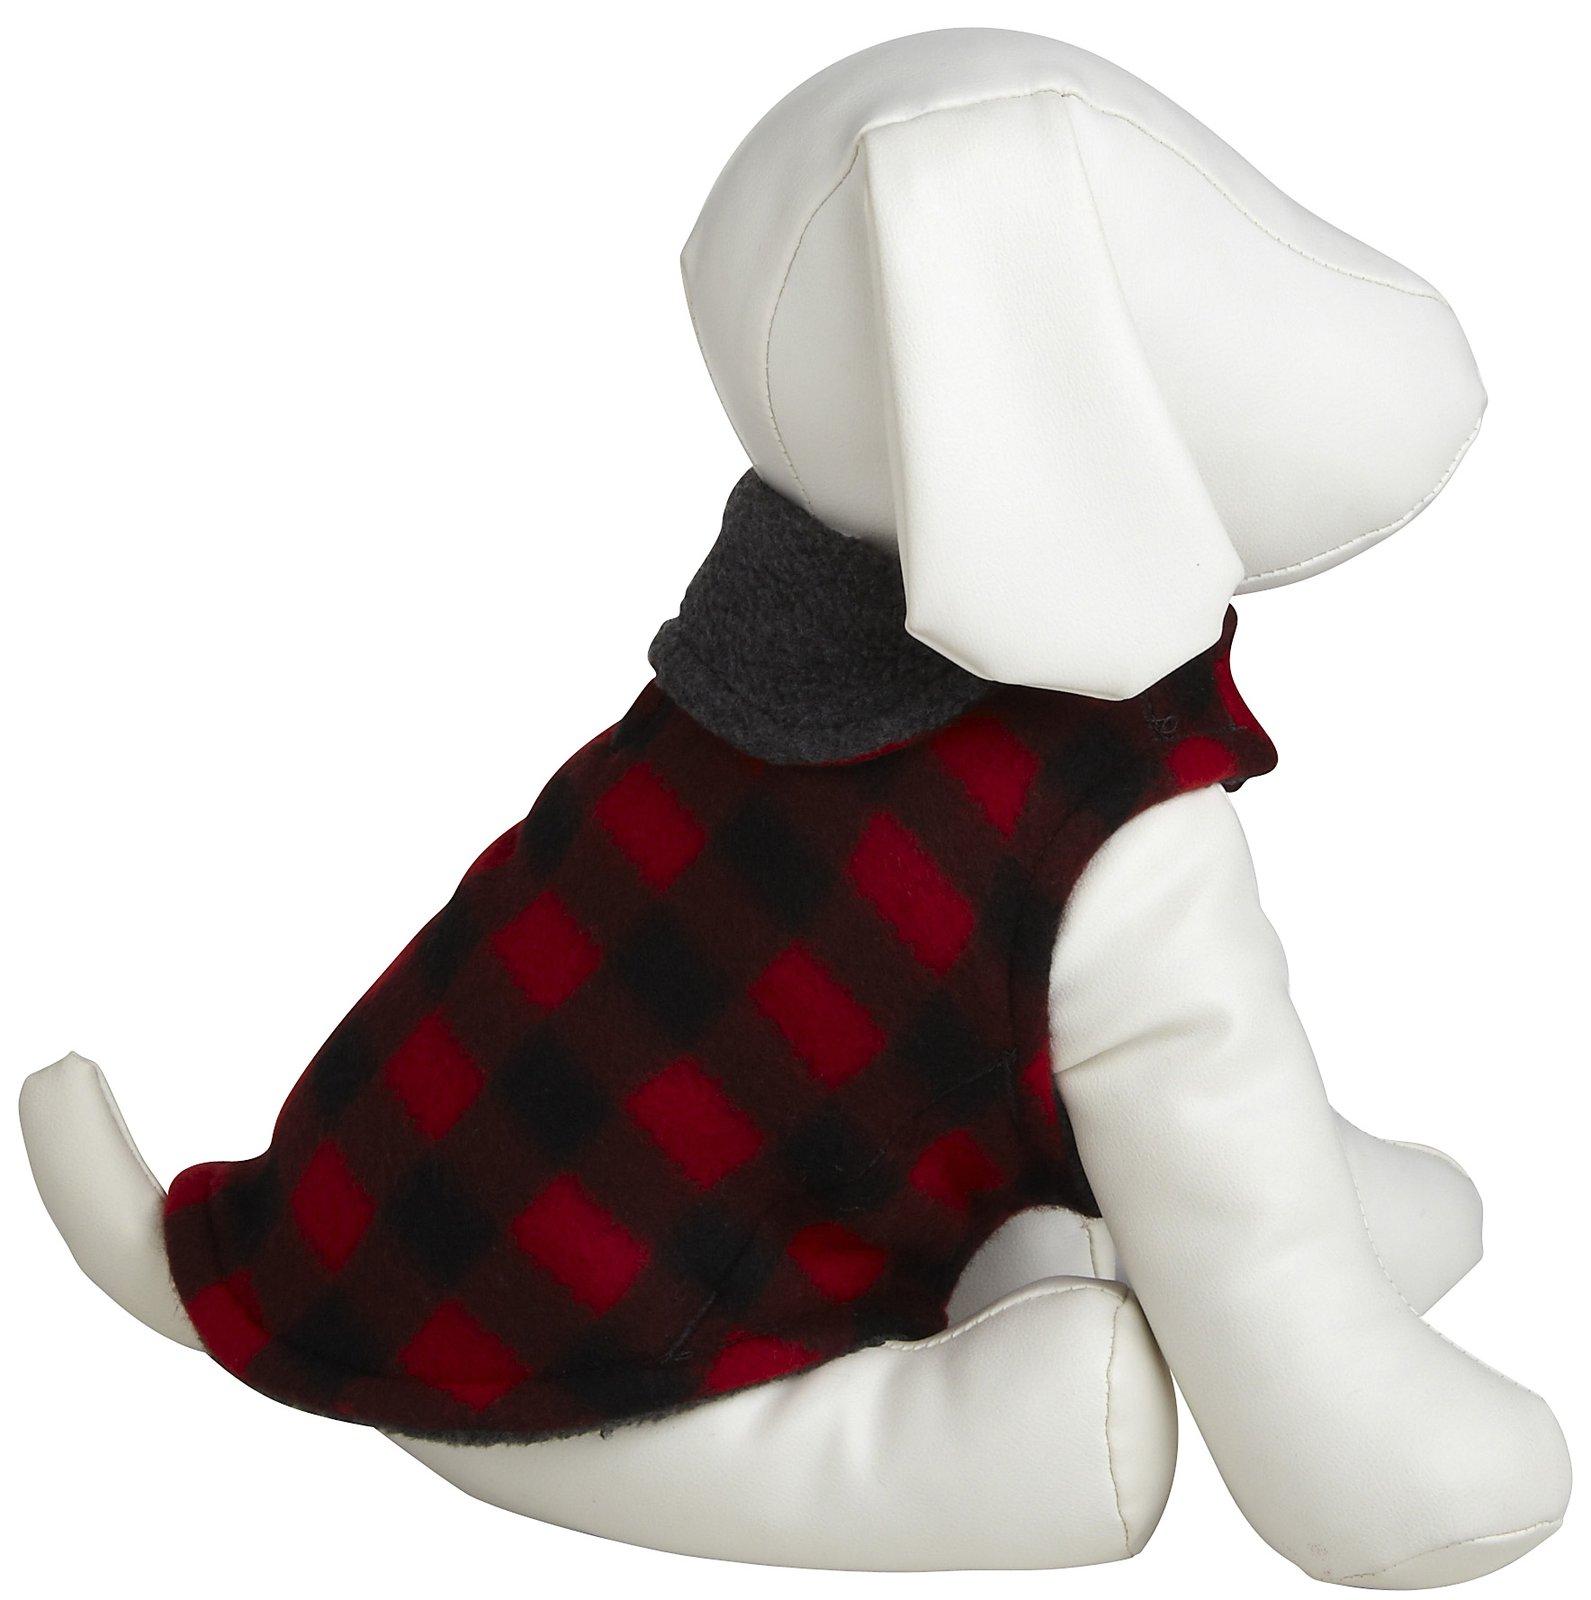 Fleece Jacket For Dogs photo - 1